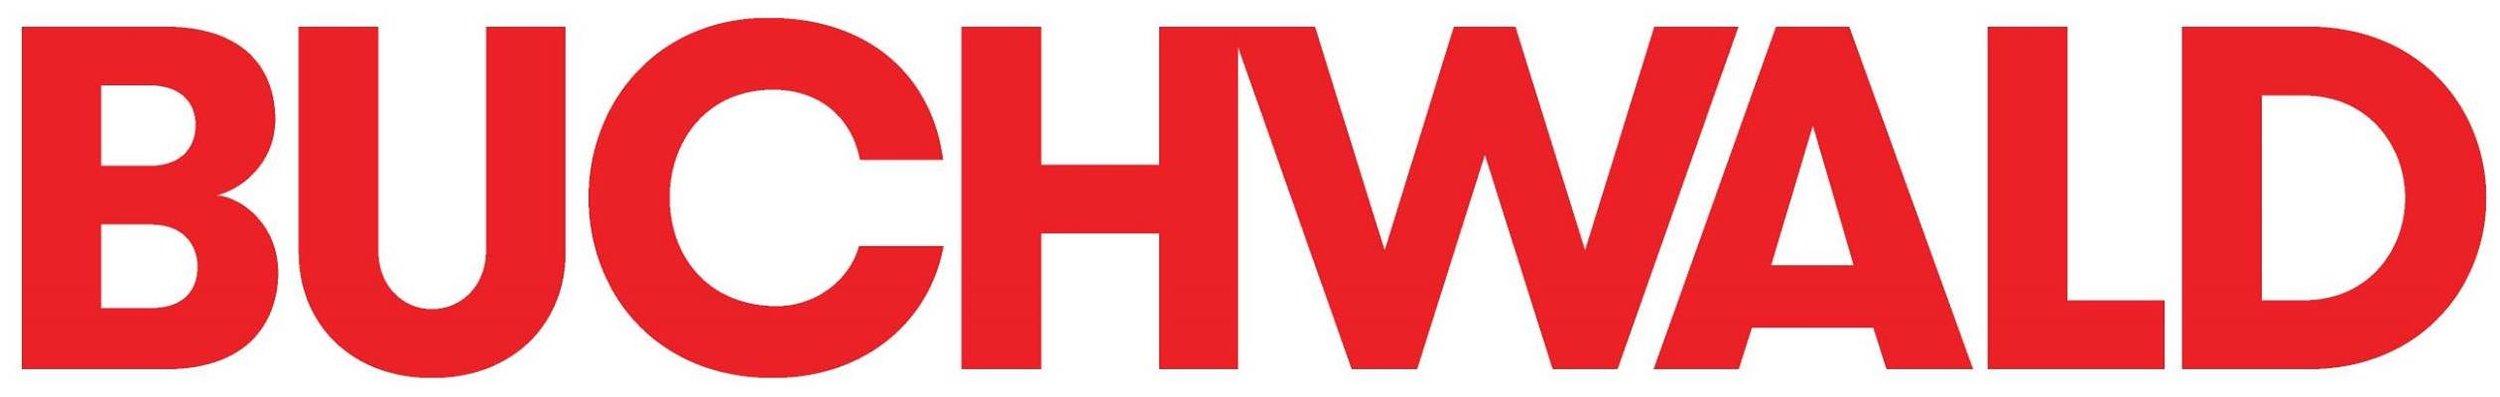 Buchwald Logo.jpg